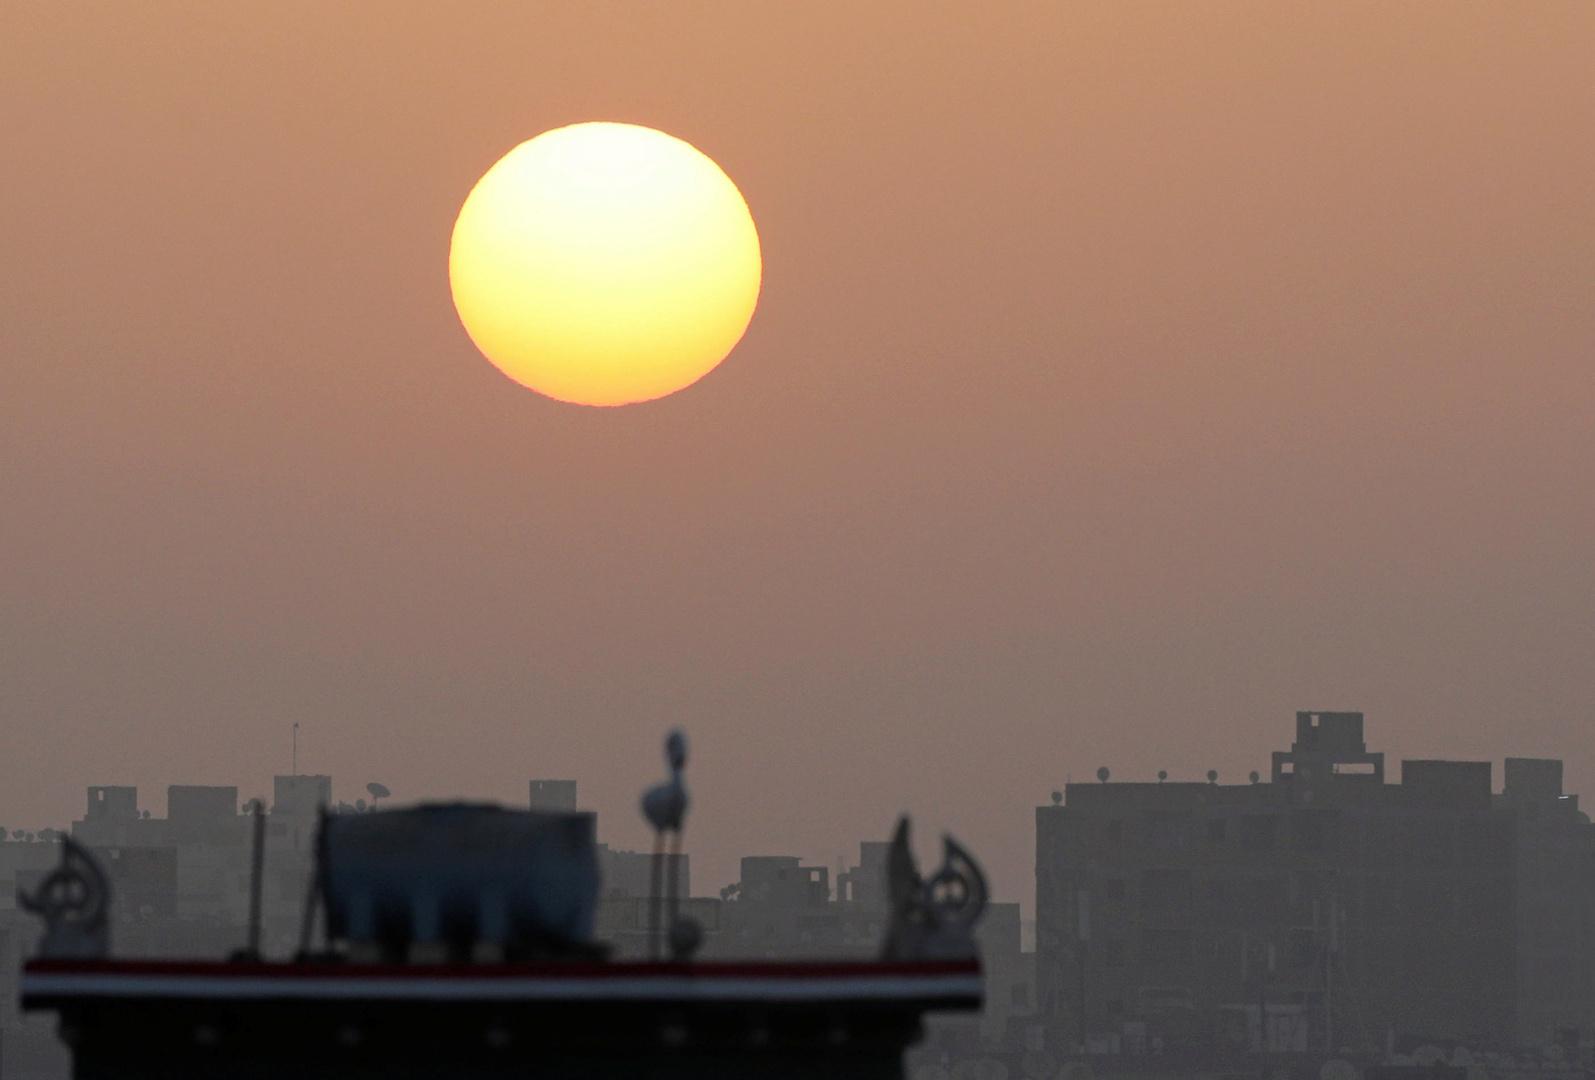 مصر.. الأرصاد الجوية تحذر المواطنين